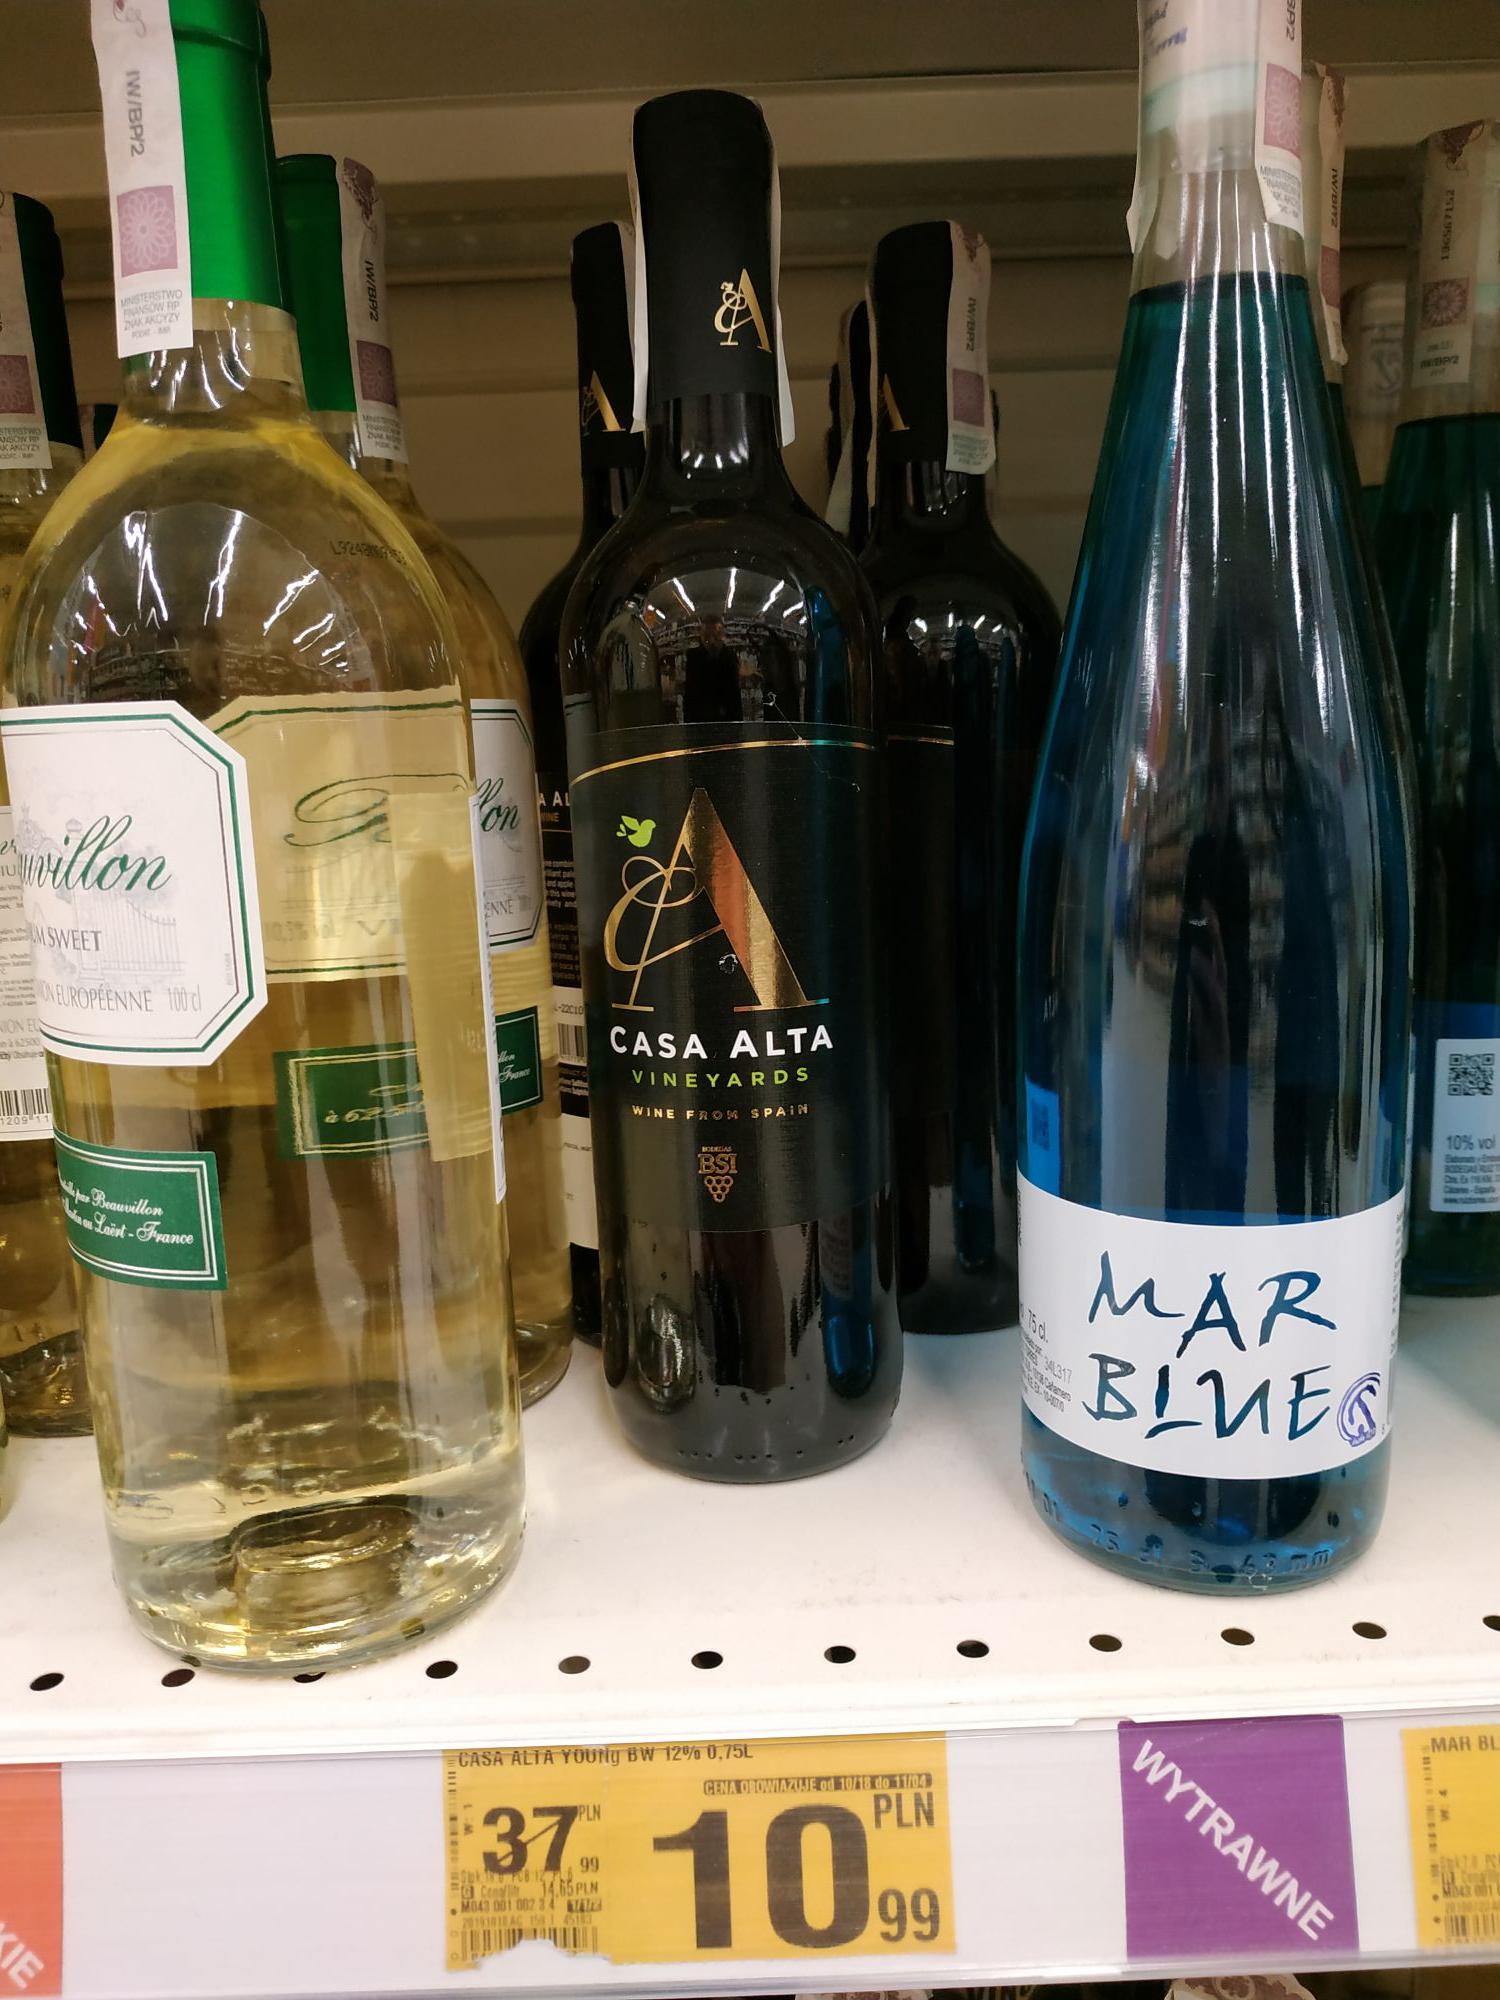 wino wytrawne białe Casa Alta. Auchan Radom promo do 04.11